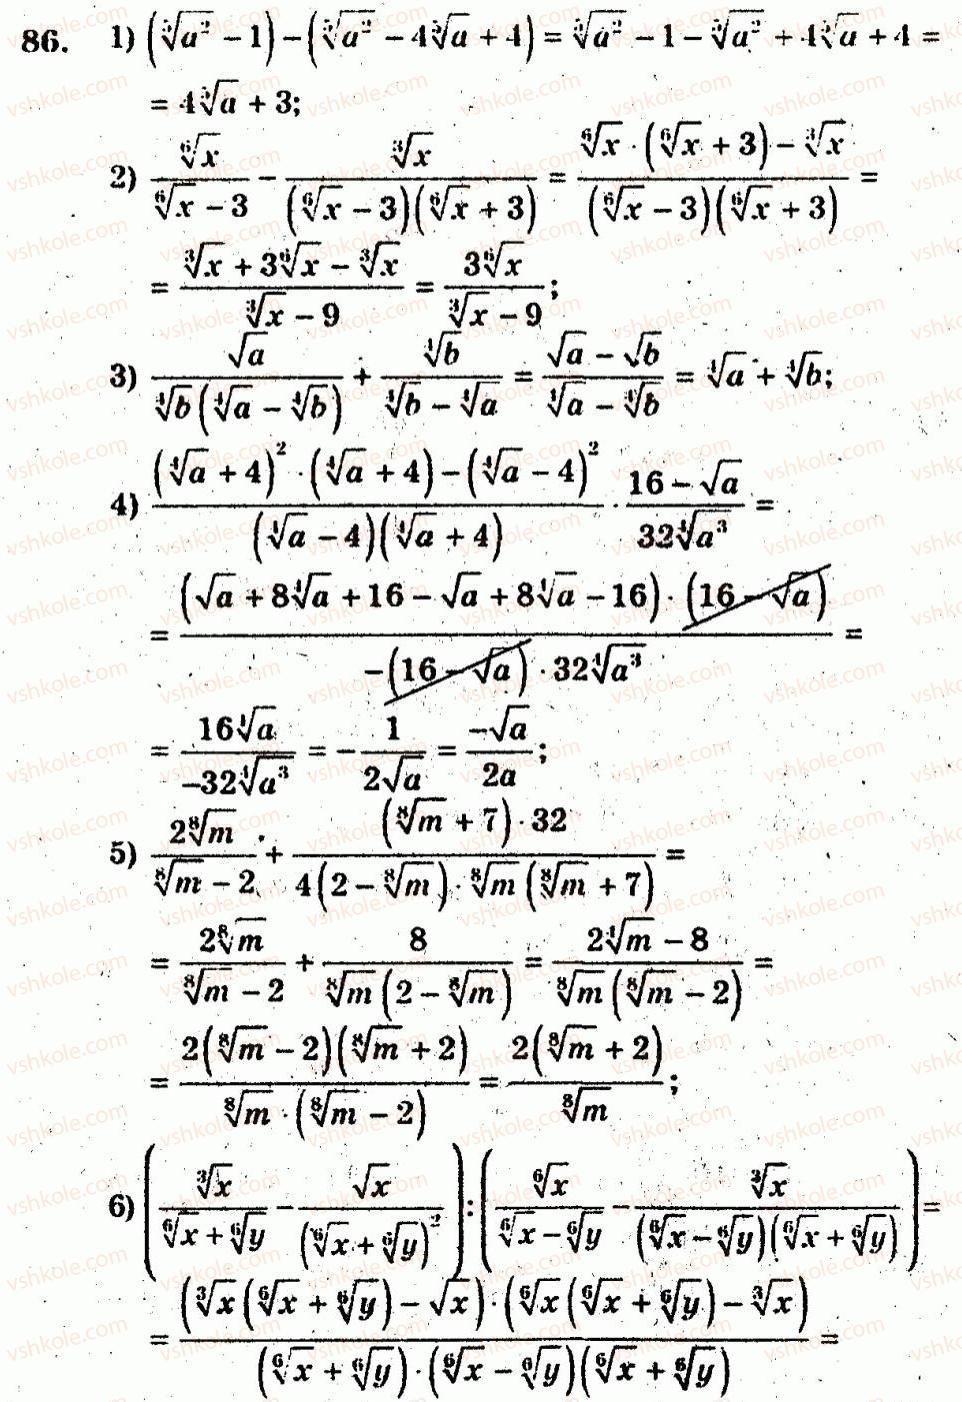 Гдз По Алгебре 8 Класс Мерзляк Збірник Задач І Контрольних Робіт 2018